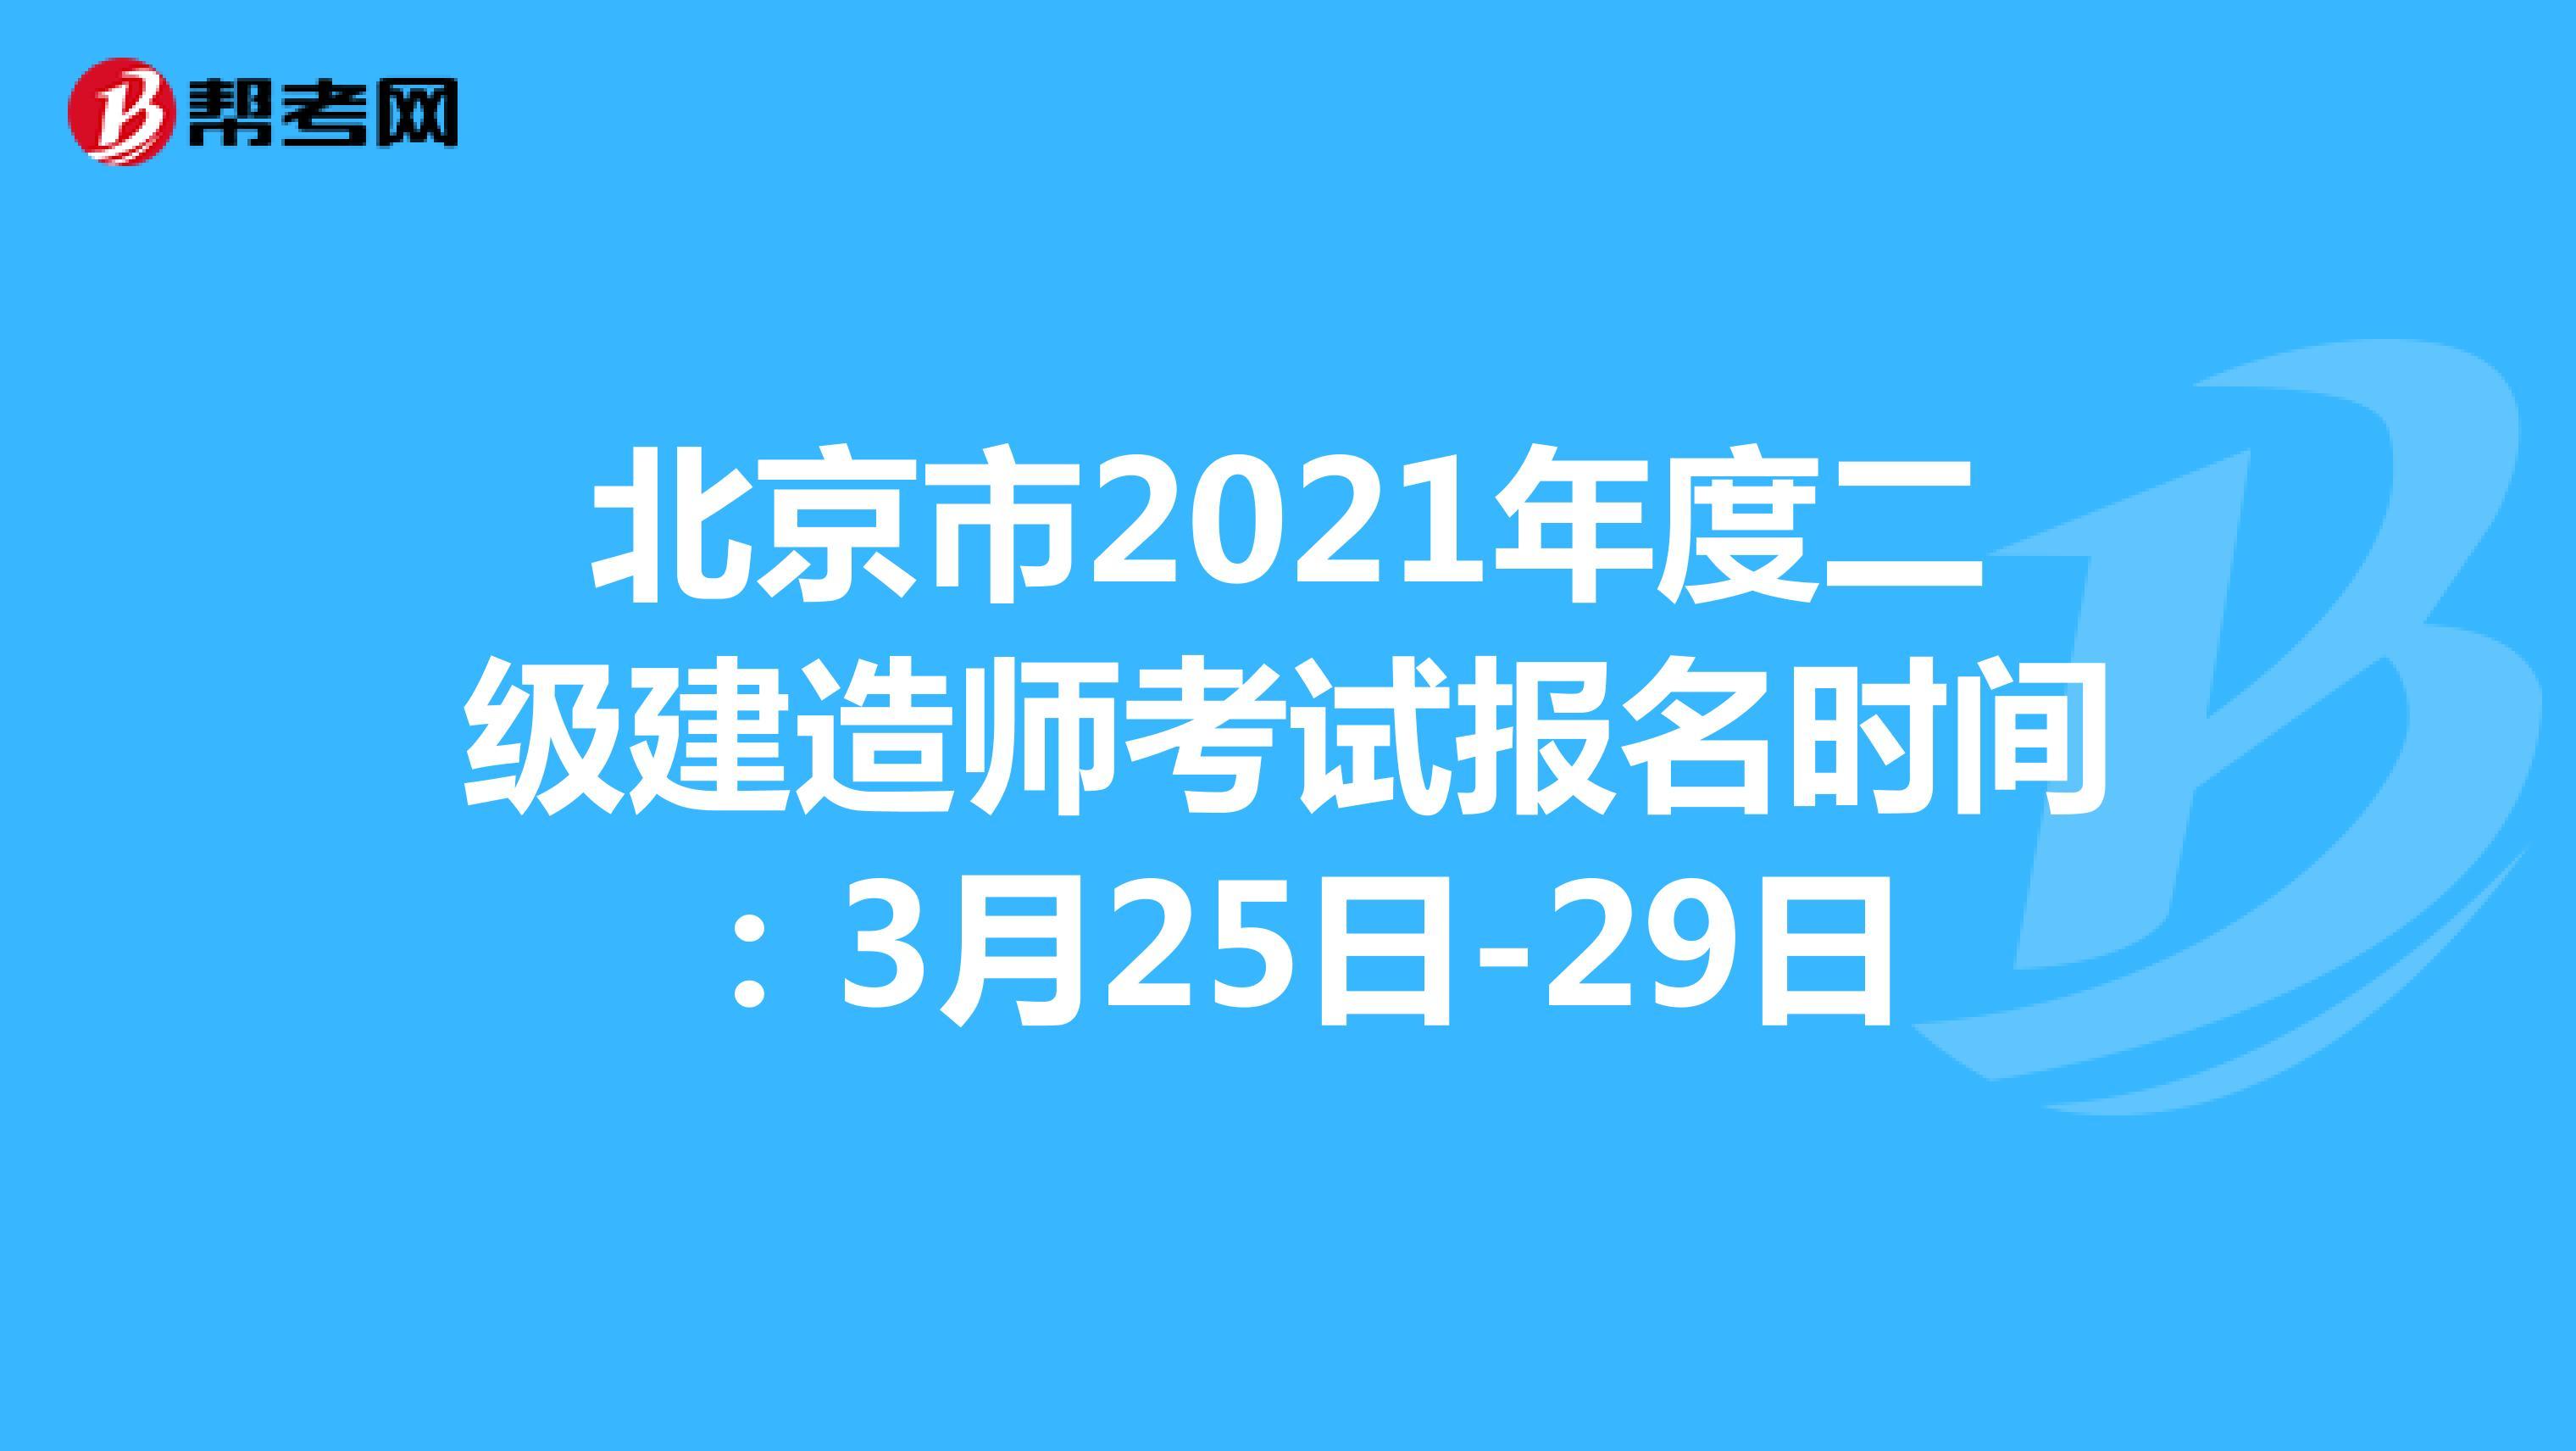 北京市2021年度(hot88体育官网)二级建造师考试报名时间:3月25日-29日